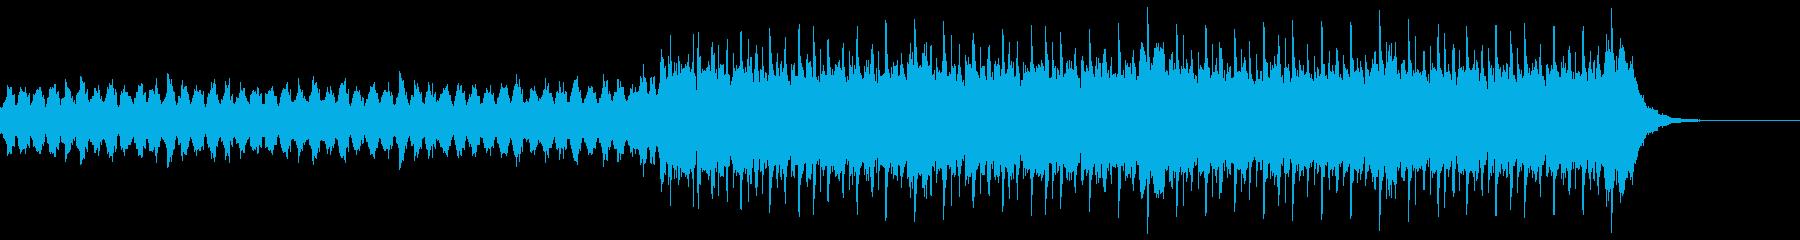 ハードテクスチャ―3の再生済みの波形